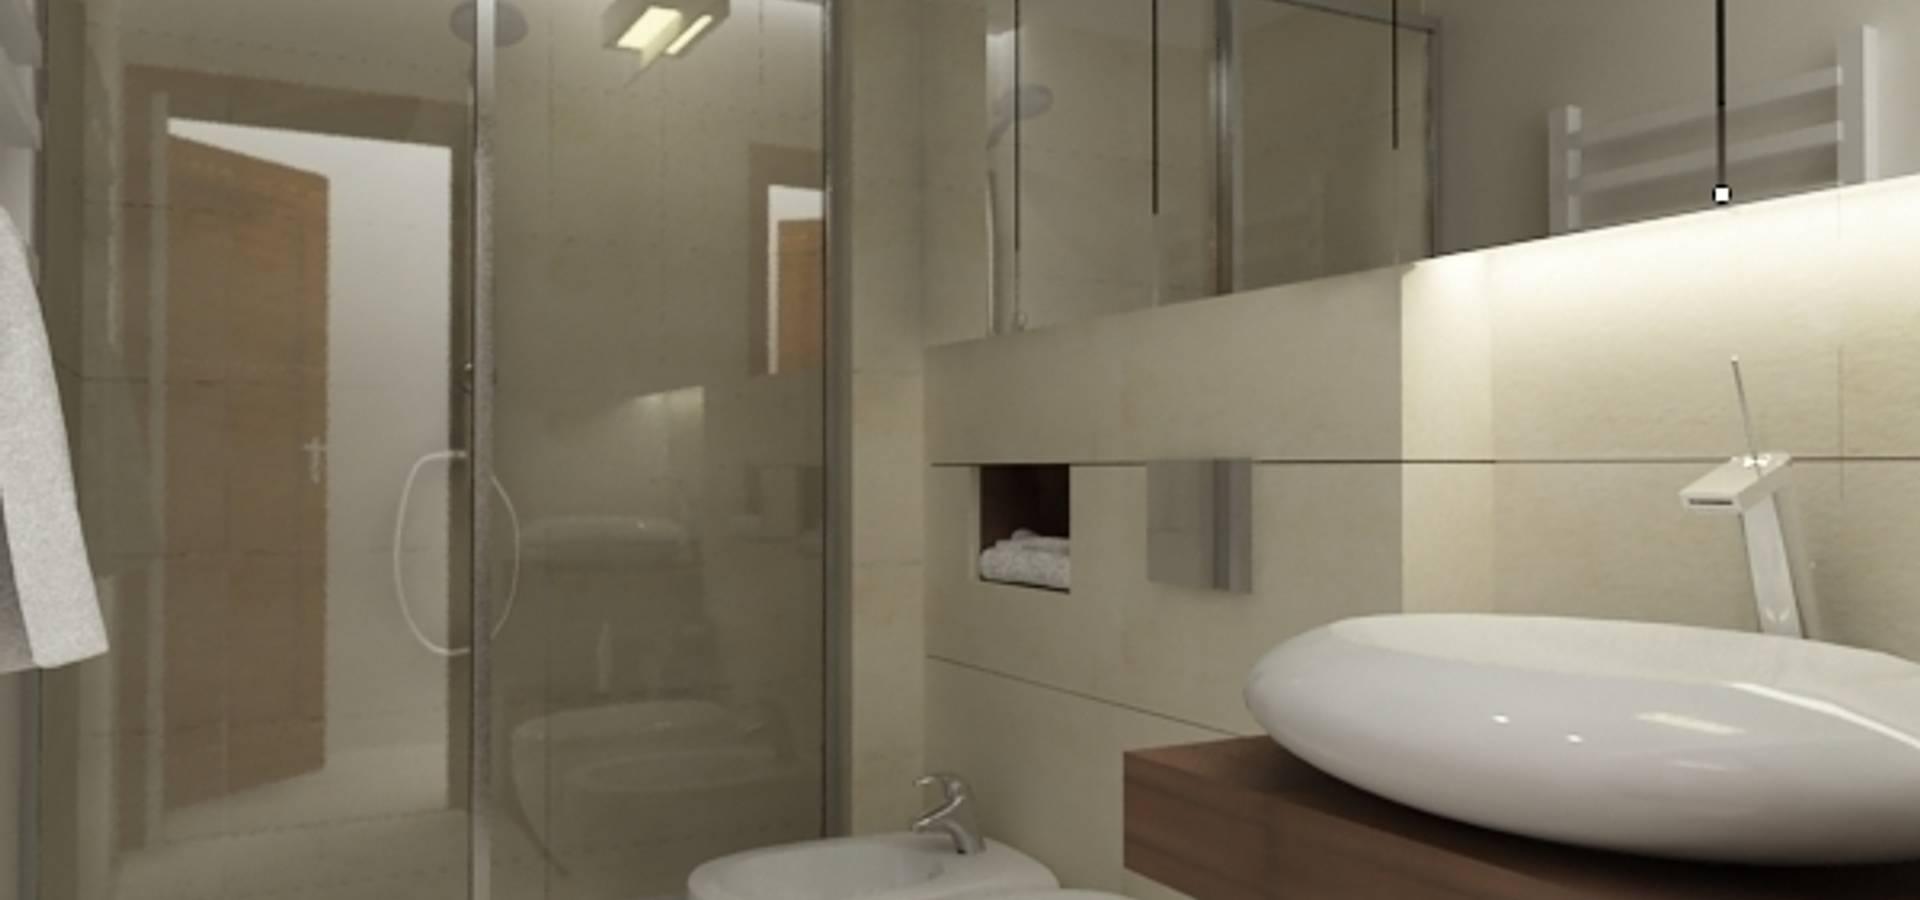 Studio architektoniczne Premiere Design Warszawa